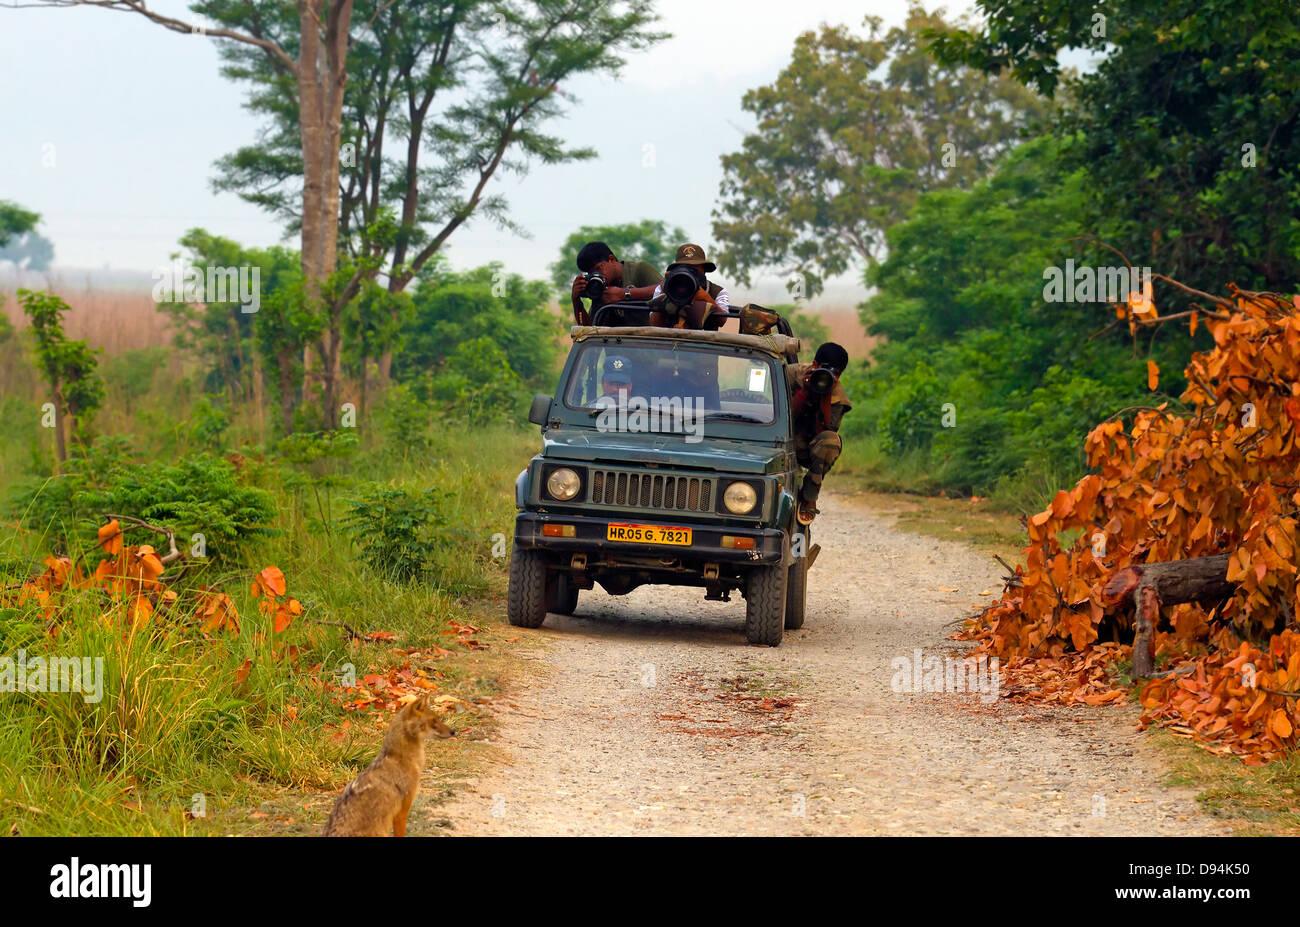 Vehículo,piscina,la gente,la naturaleza,vehículo terrestre,no escena urbana,Lugares De viaje,Wildlife Imagen De Stock